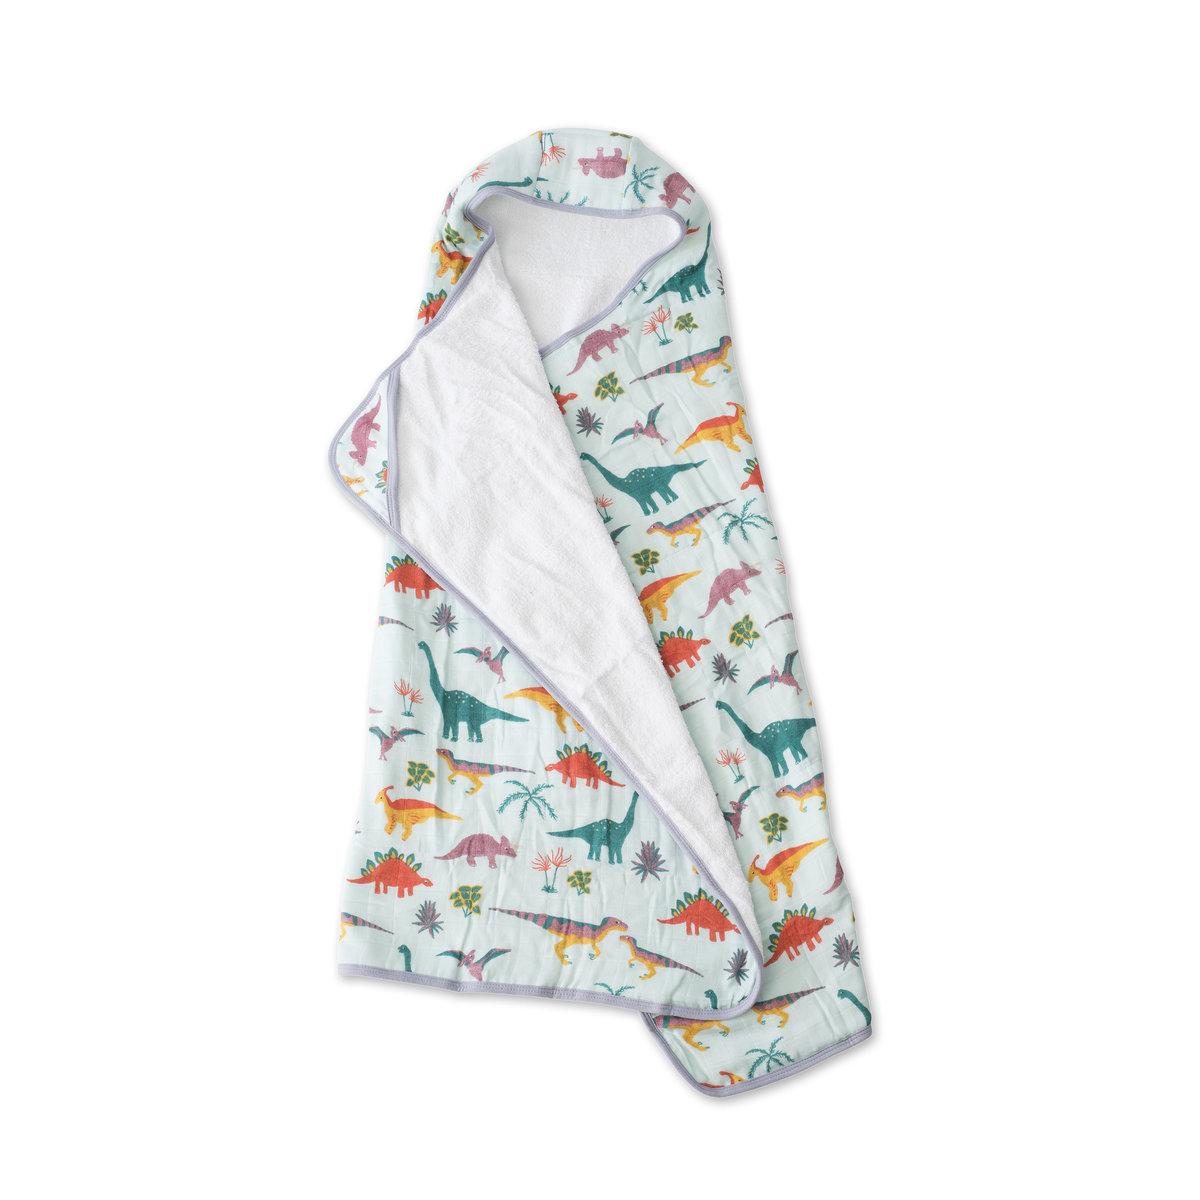 兒童棉紗質連帽浴巾 - Embroidosaurus